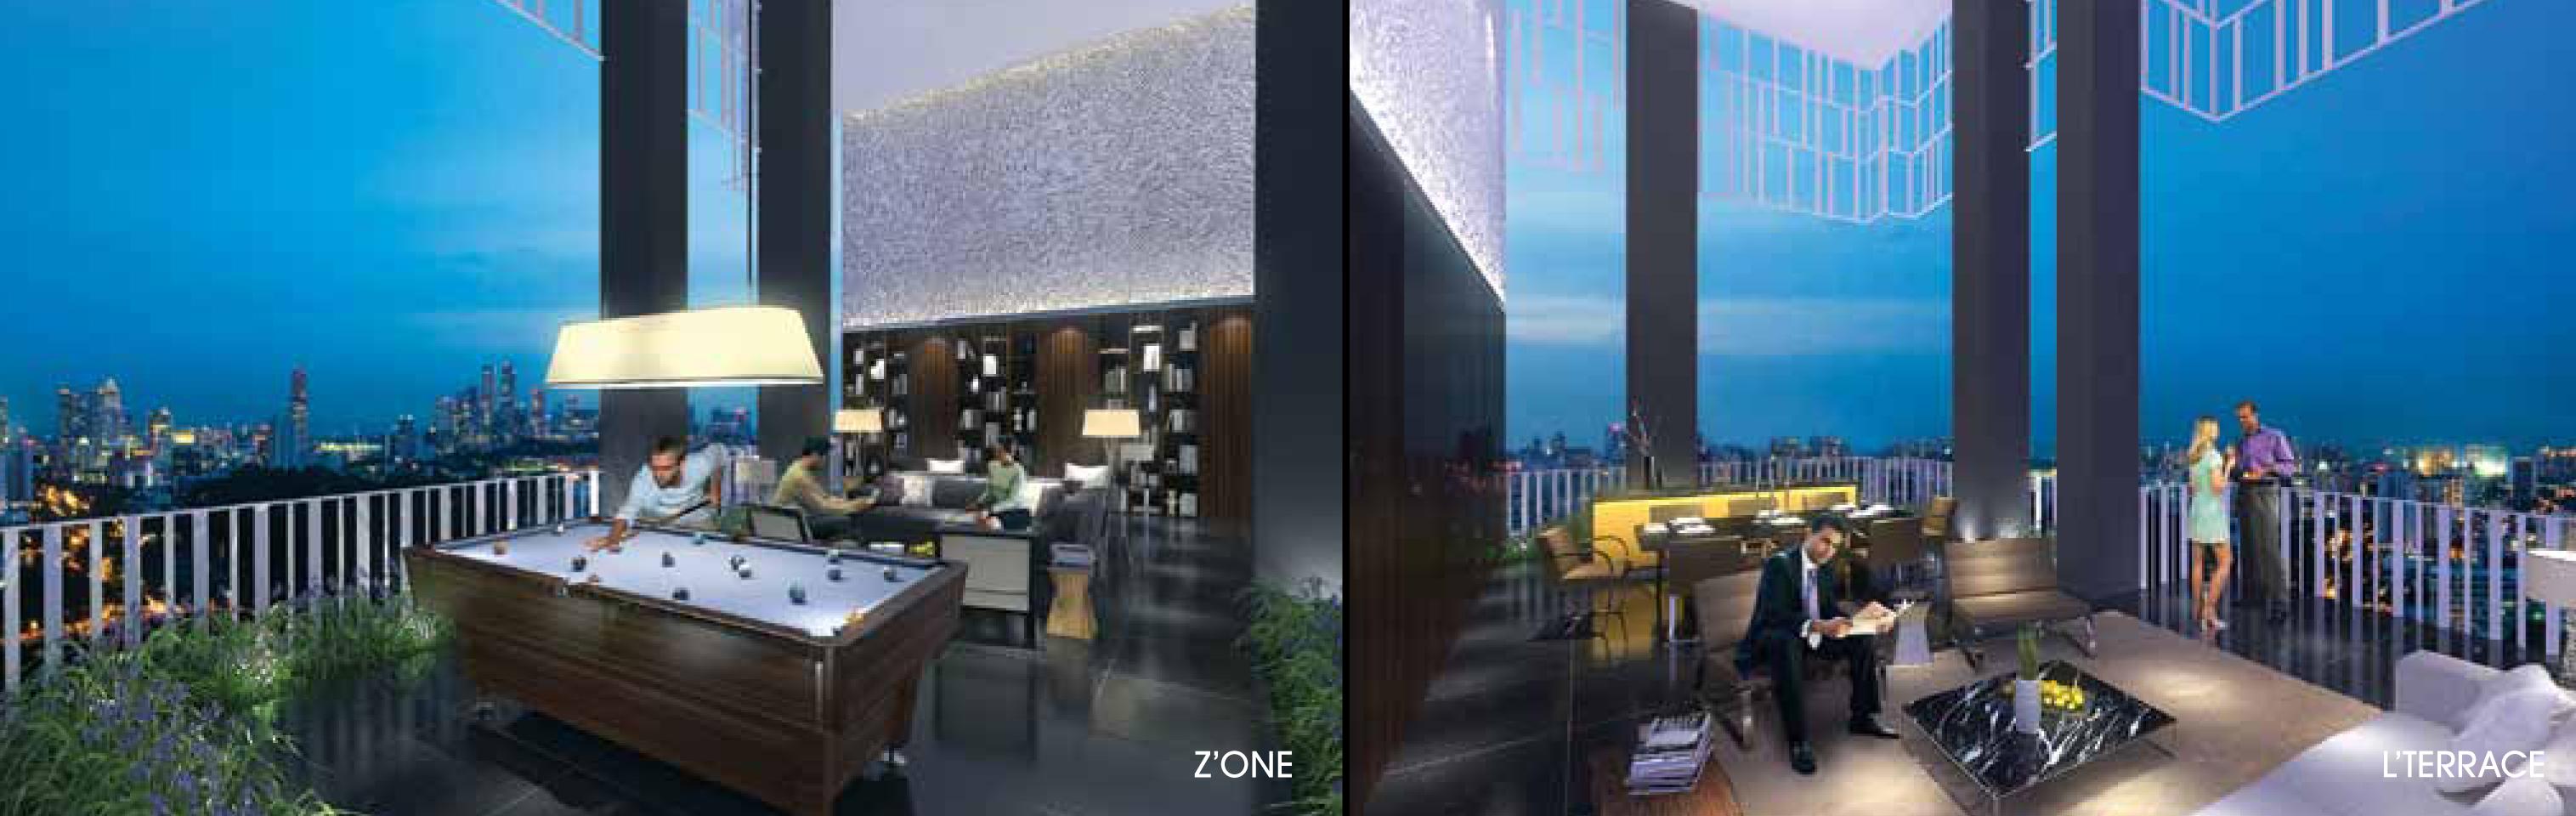 Z'one / L'Terrace